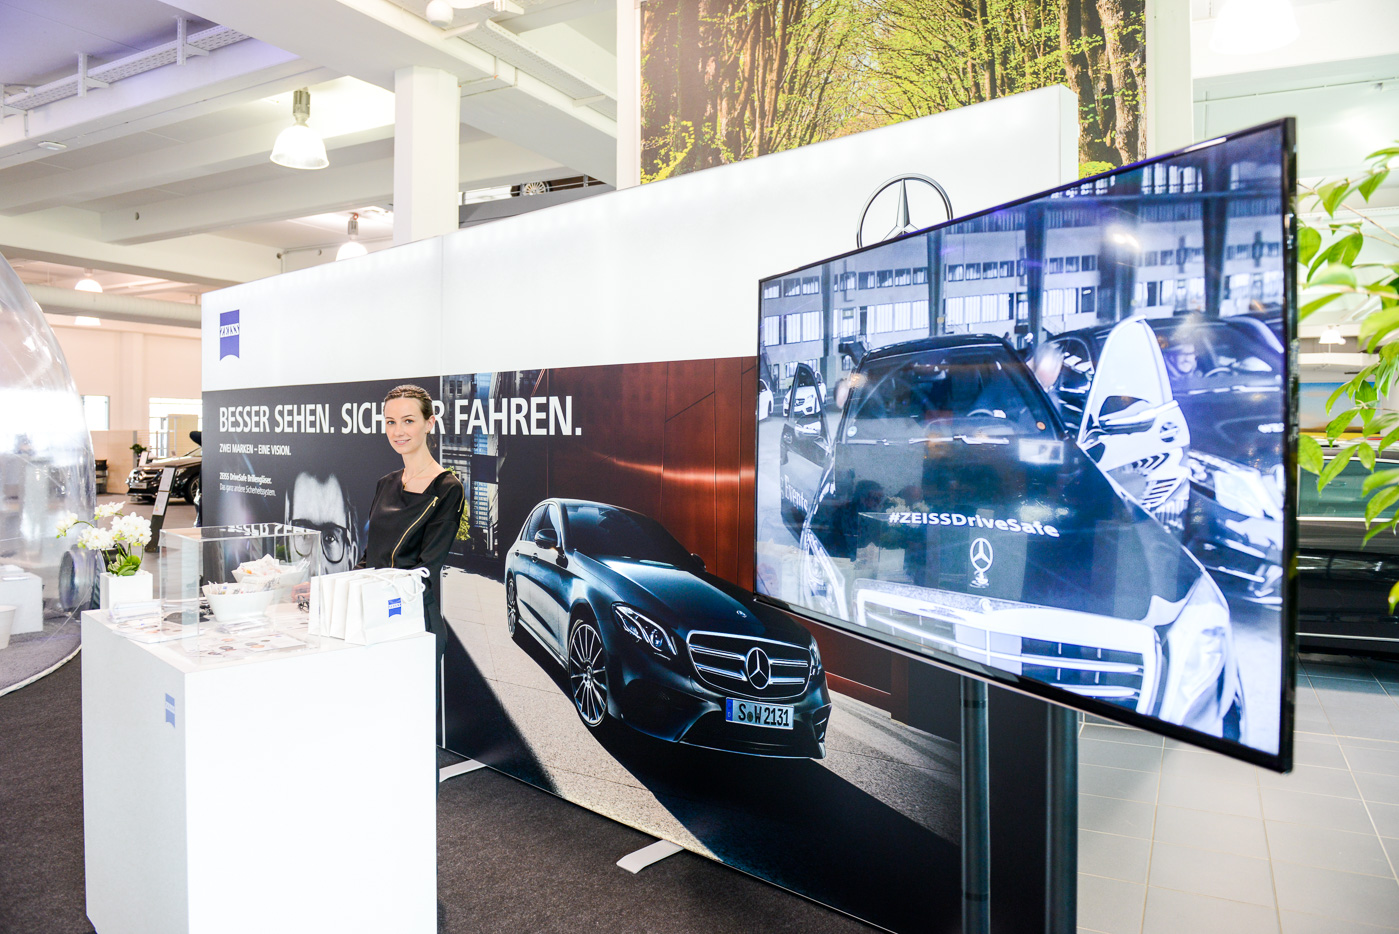 Zeiss DriveSafe Mercedes Benz